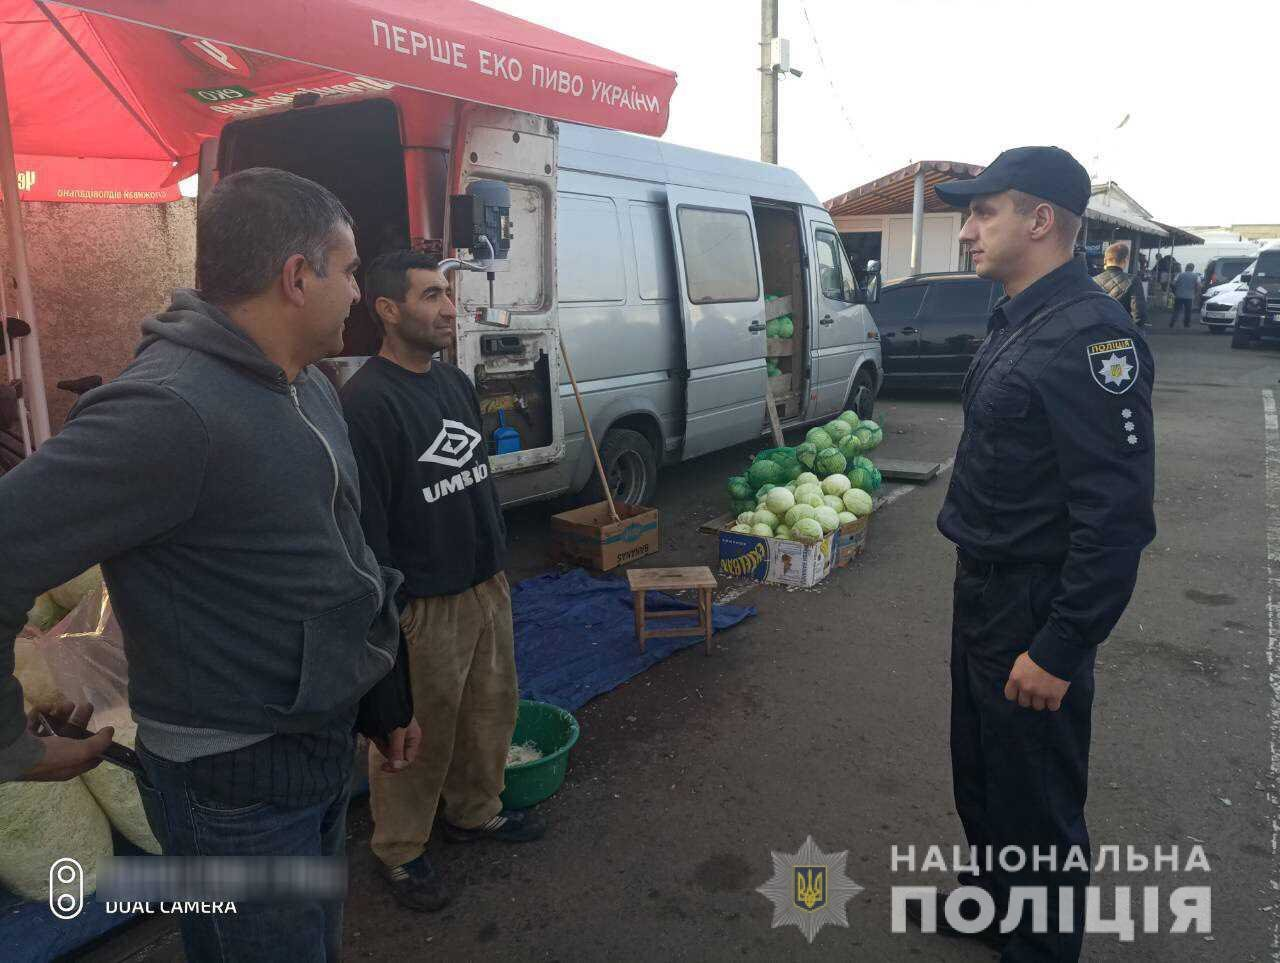 Поліція Закарпаття почала проводити рейди з відлову нелегальних мігрантів (ФОТО), фото-2